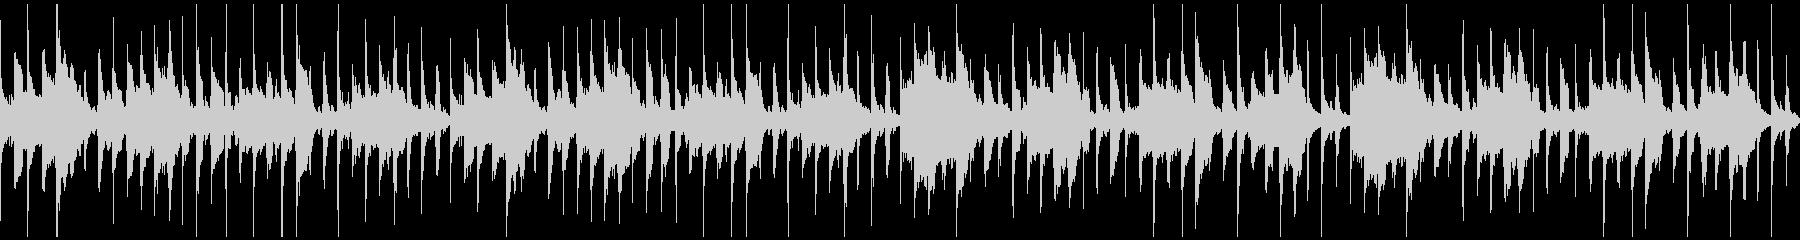 ほのぼの笛メロディのBGM(ループ)の未再生の波形